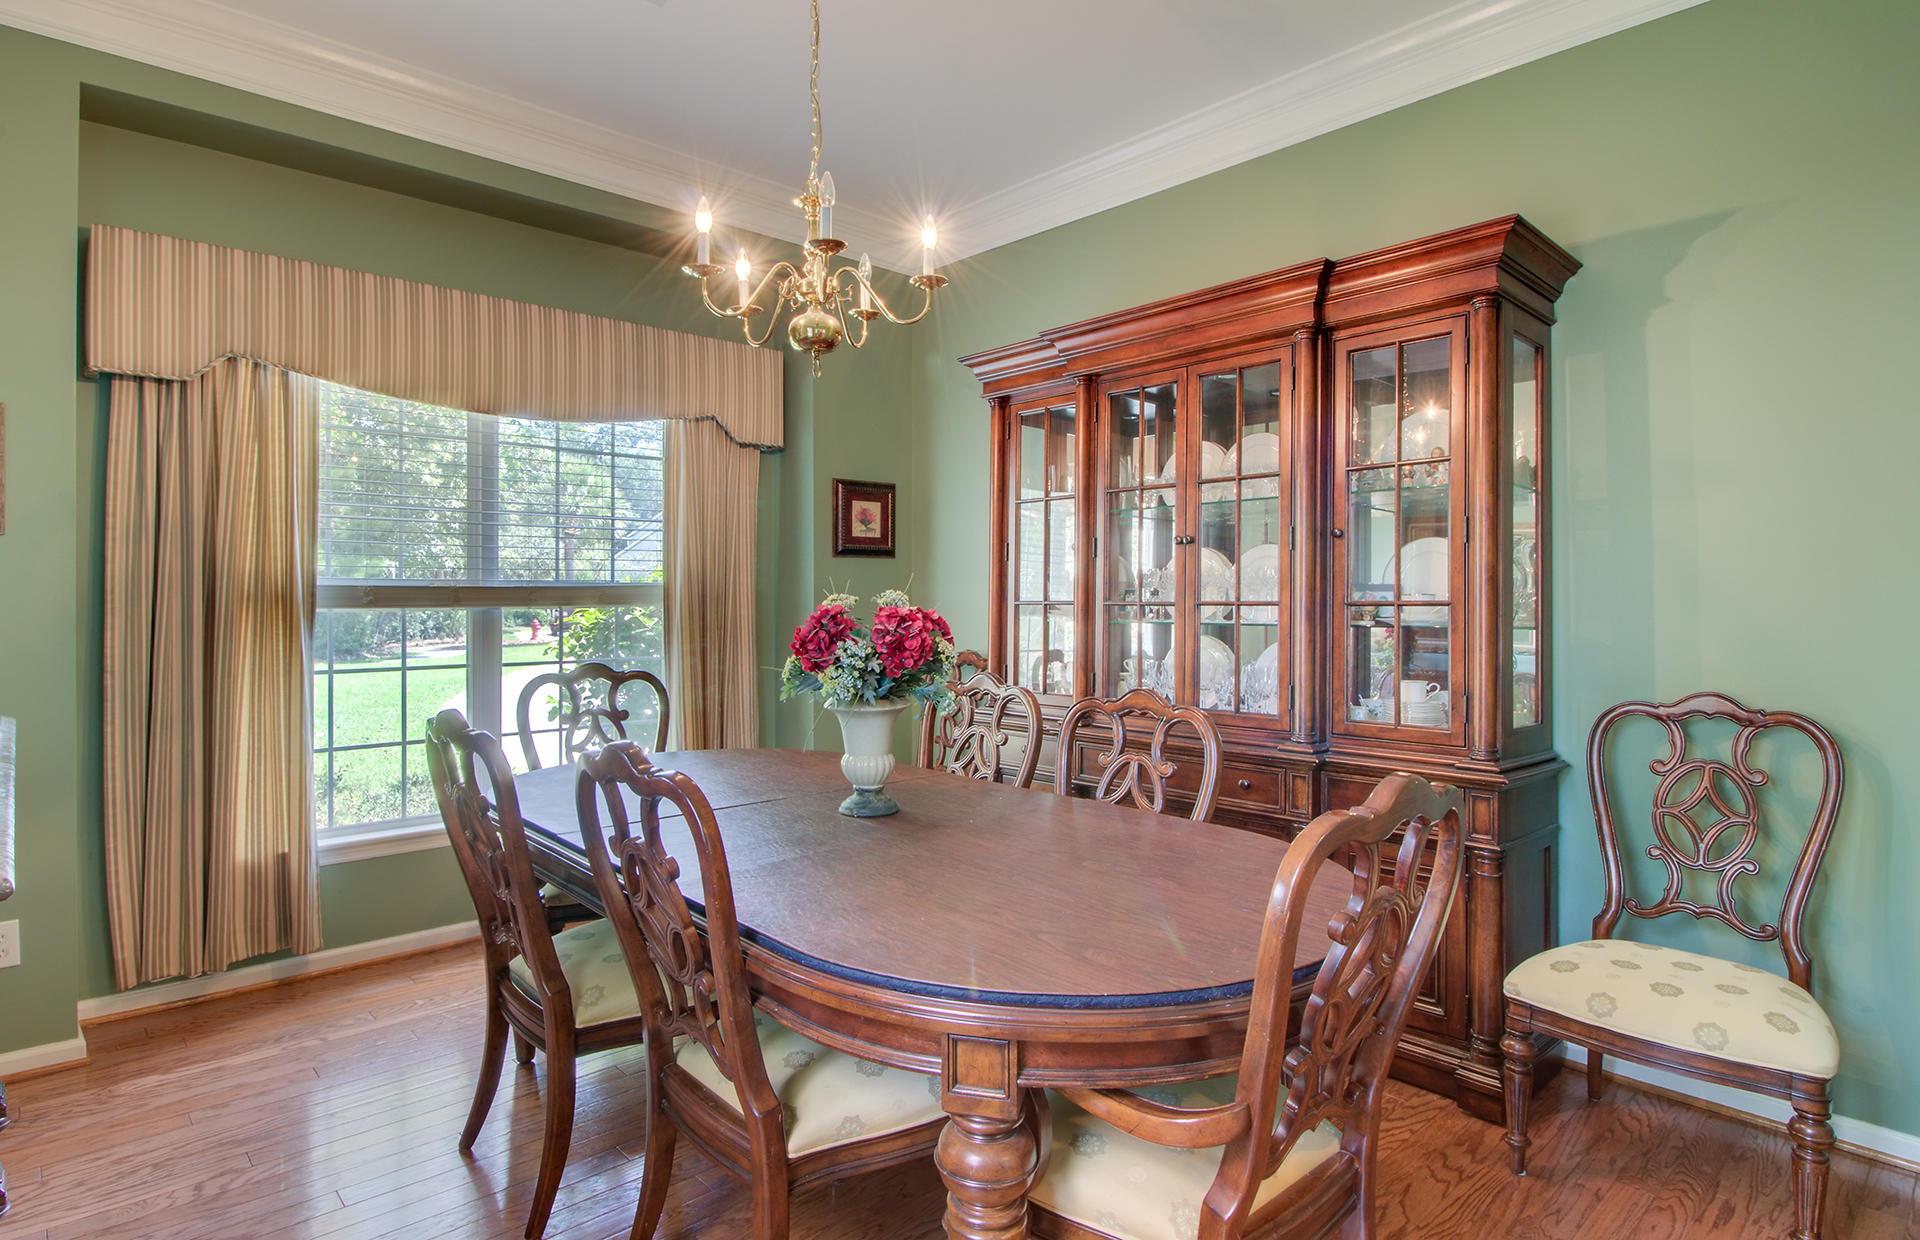 Park West Homes For Sale - 2500 Draymohr, Mount Pleasant, SC - 20